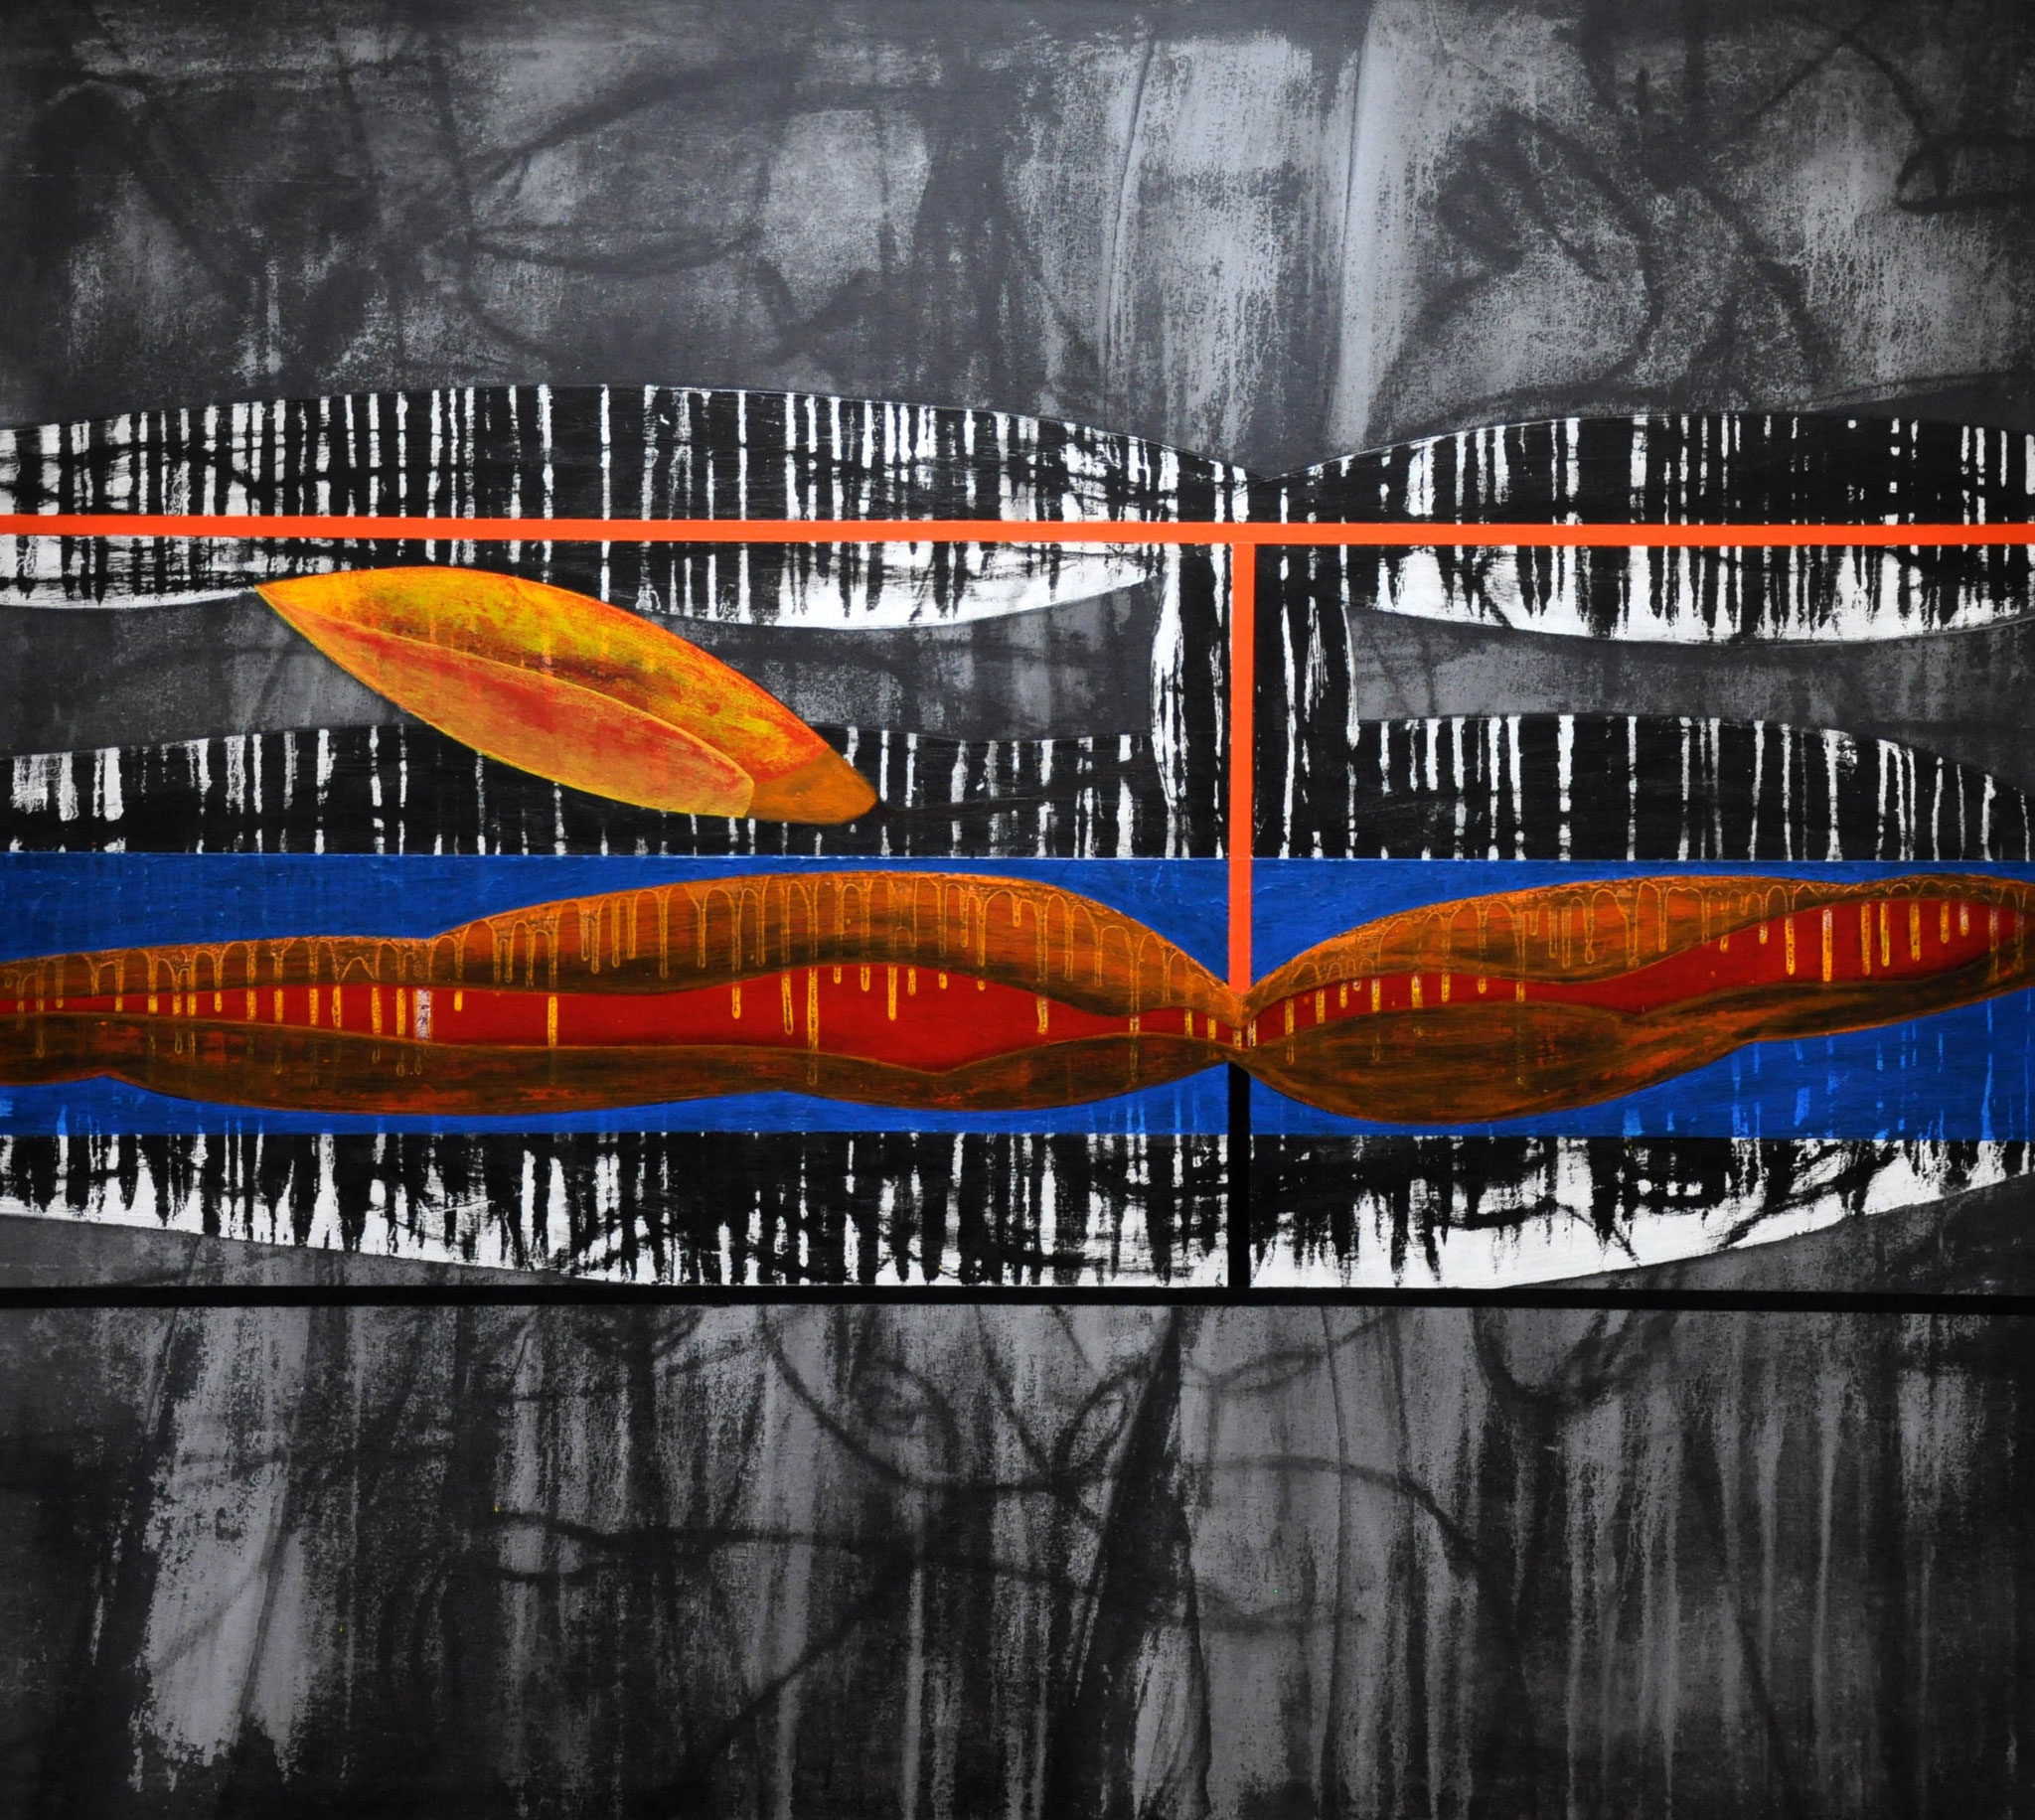 Im Land und in den Malen der Körper  und quer in blauer, schiefer Gerinnung  wohnt das saugende Schöpfen der Fluten  2006, 160 x 140 cm,  acrylic on canvas